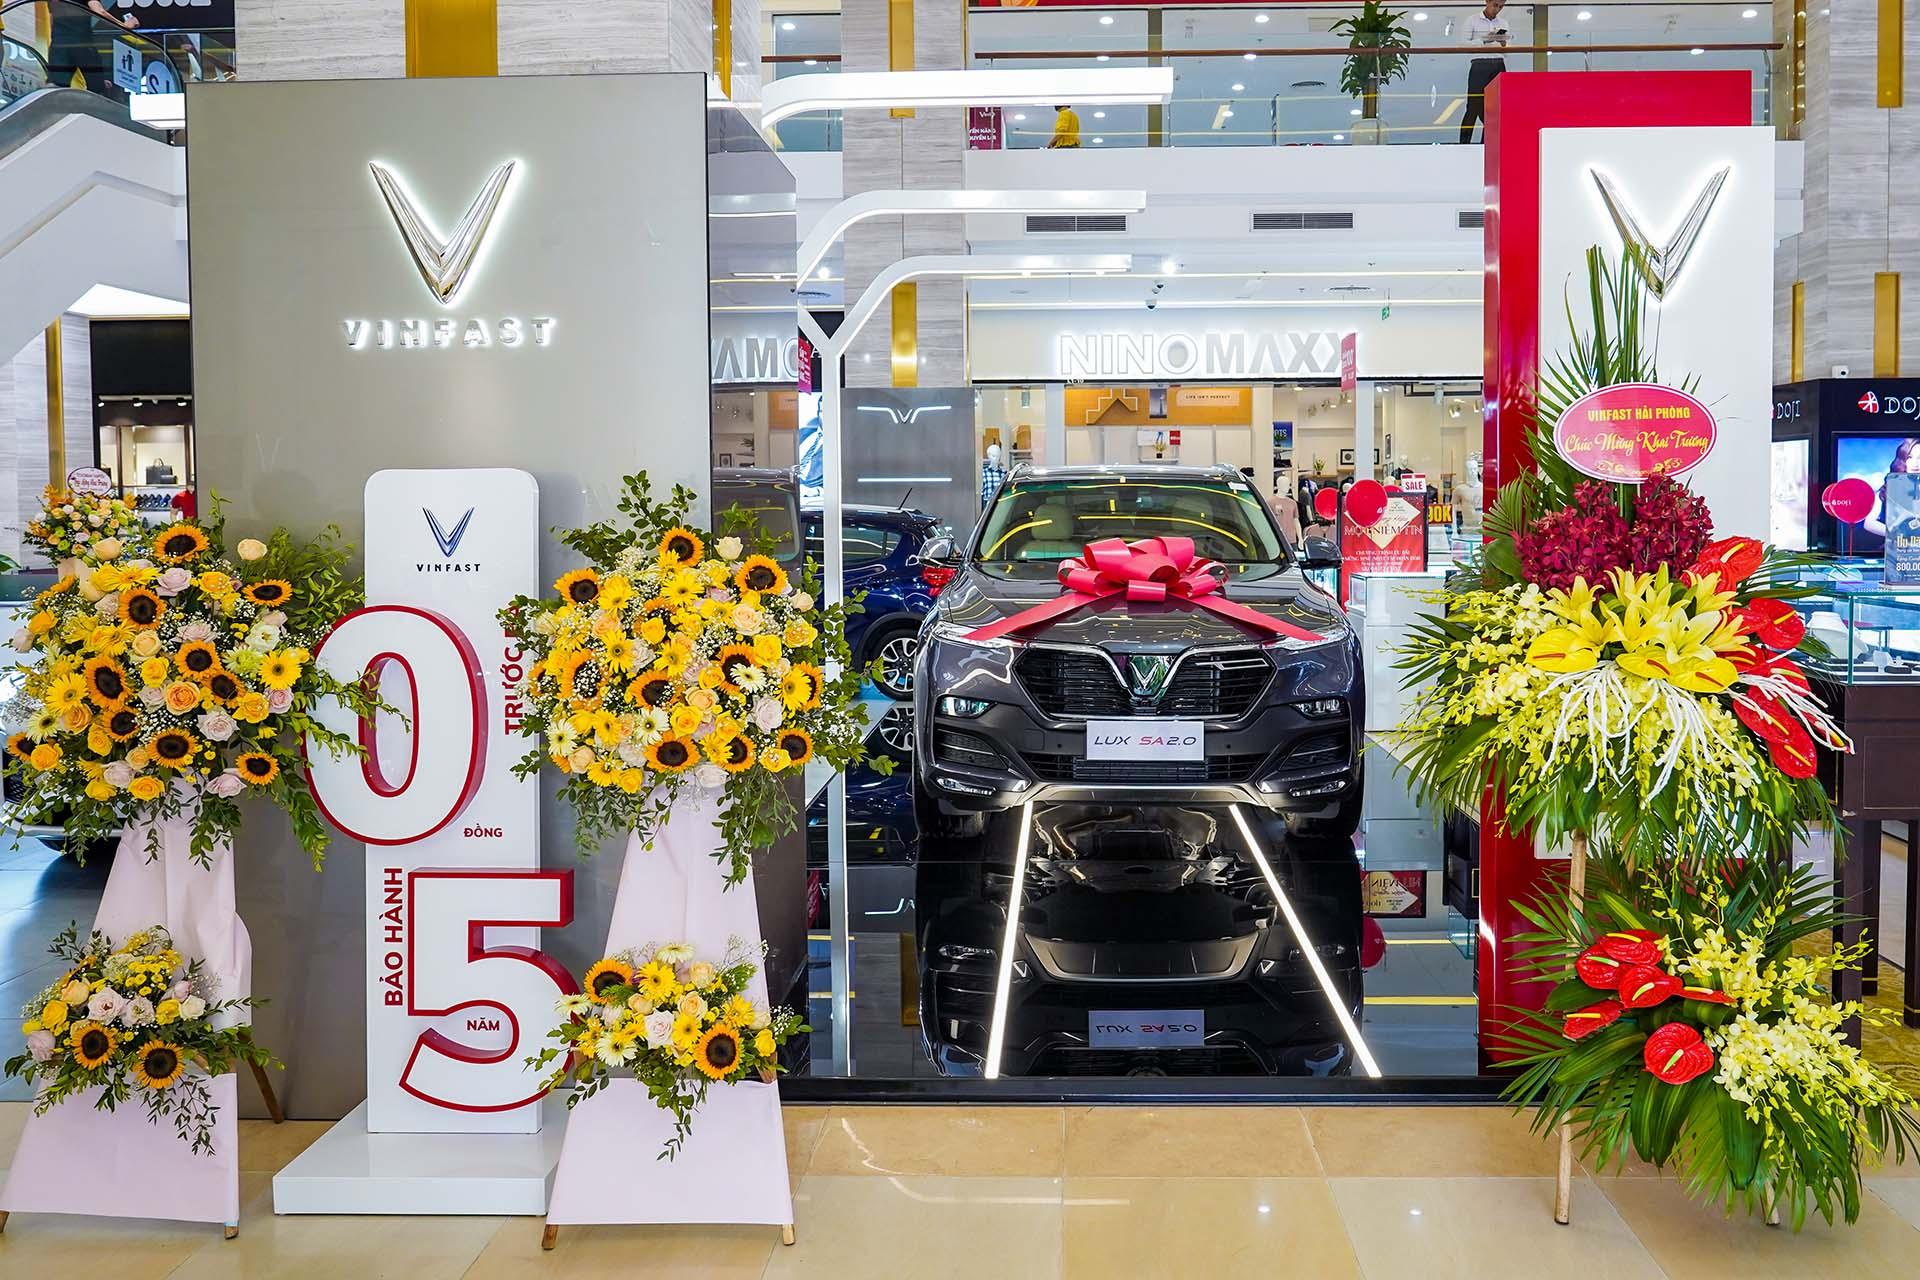 Vẫn phải giảm giá bán các mẫu xe cũ nhằm thu hút khách hàng - Ảnh 2.